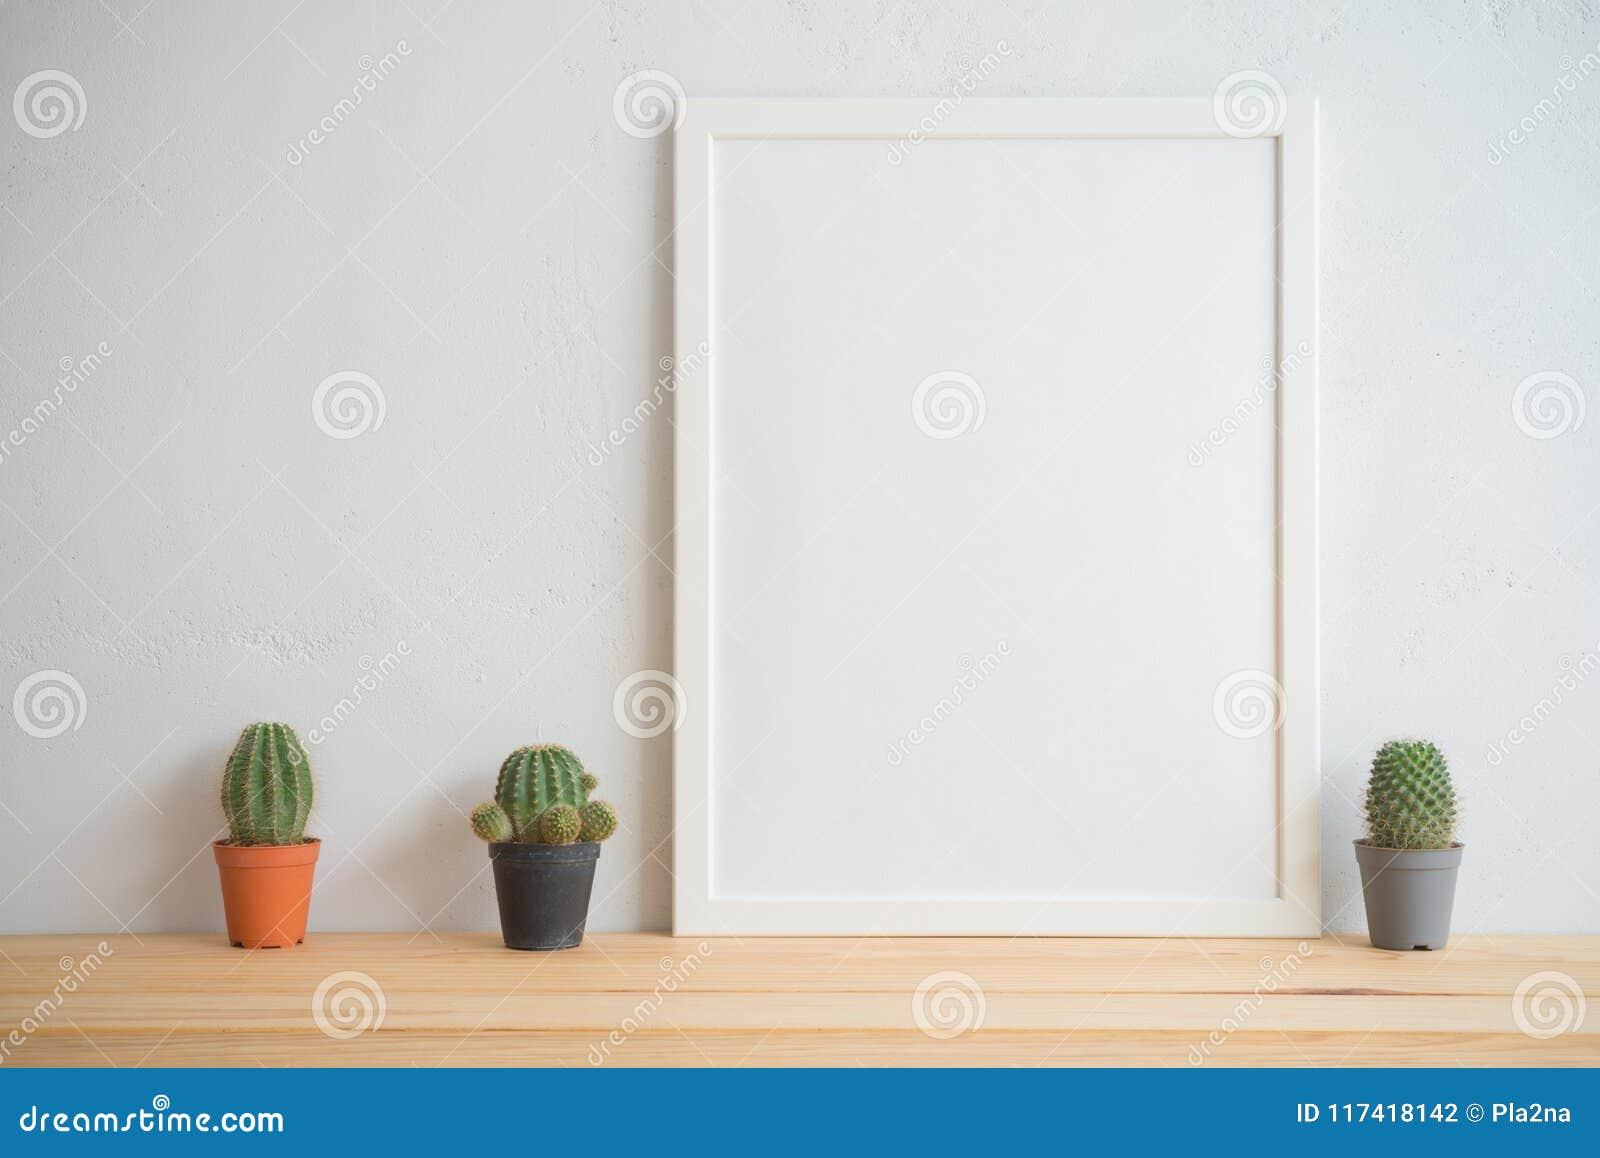 Cadre de photo et maquette de pots de cactus avec le fond blanc de mur, c